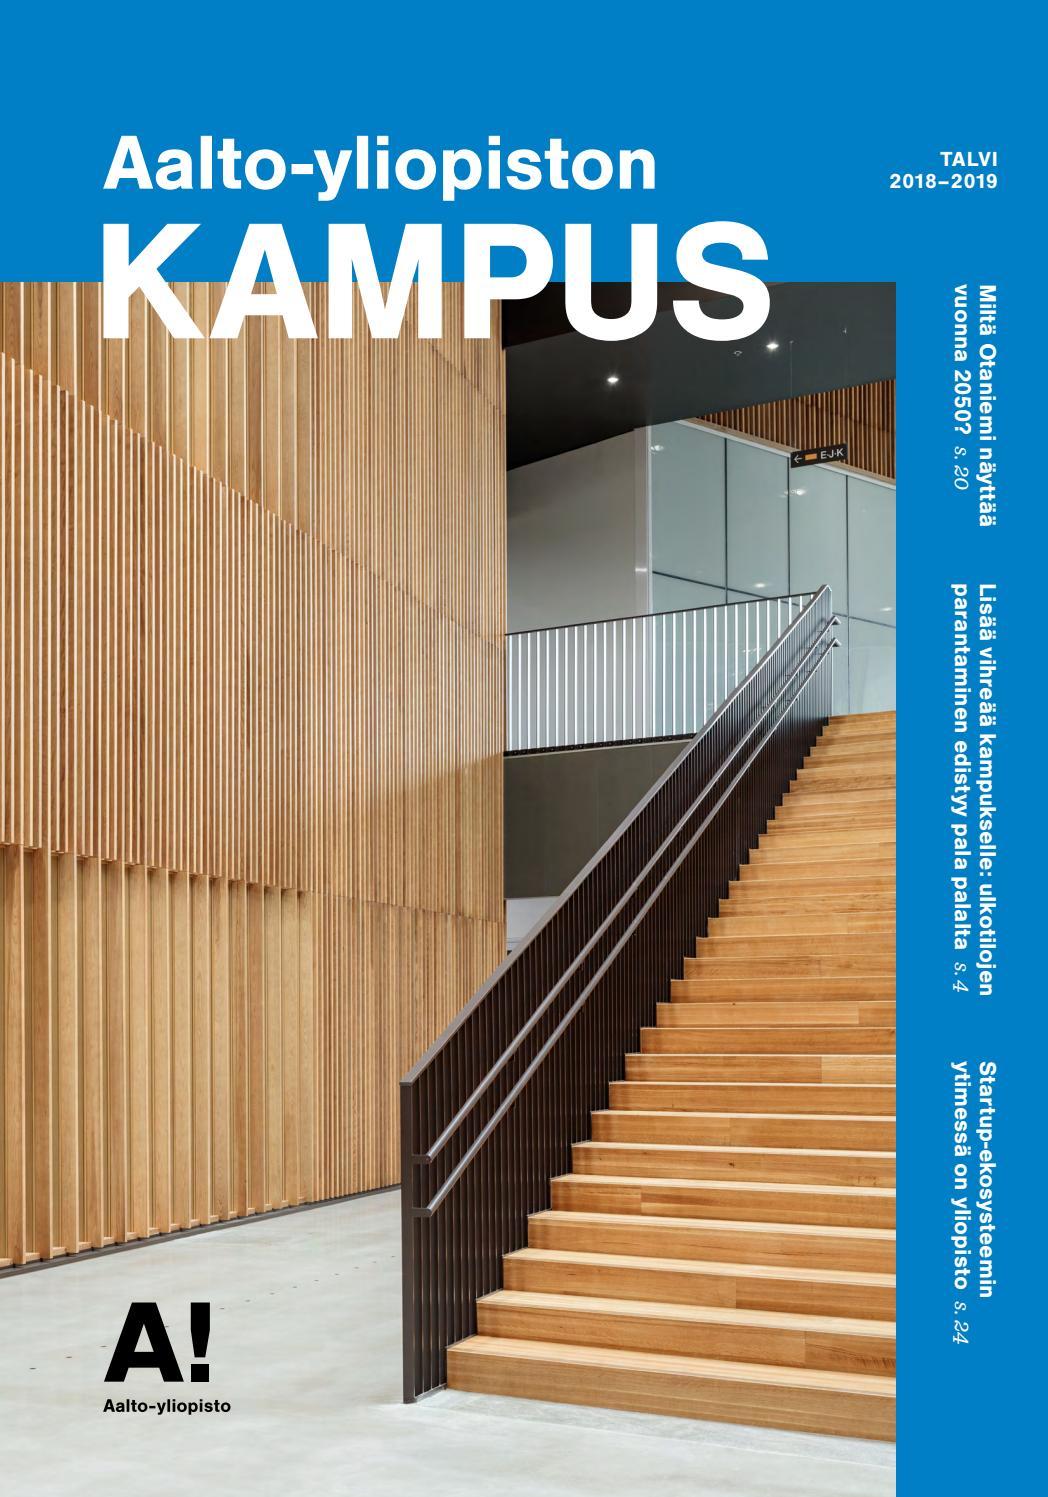 Aalto Yliopiston Kampus By Aalto University Issuu